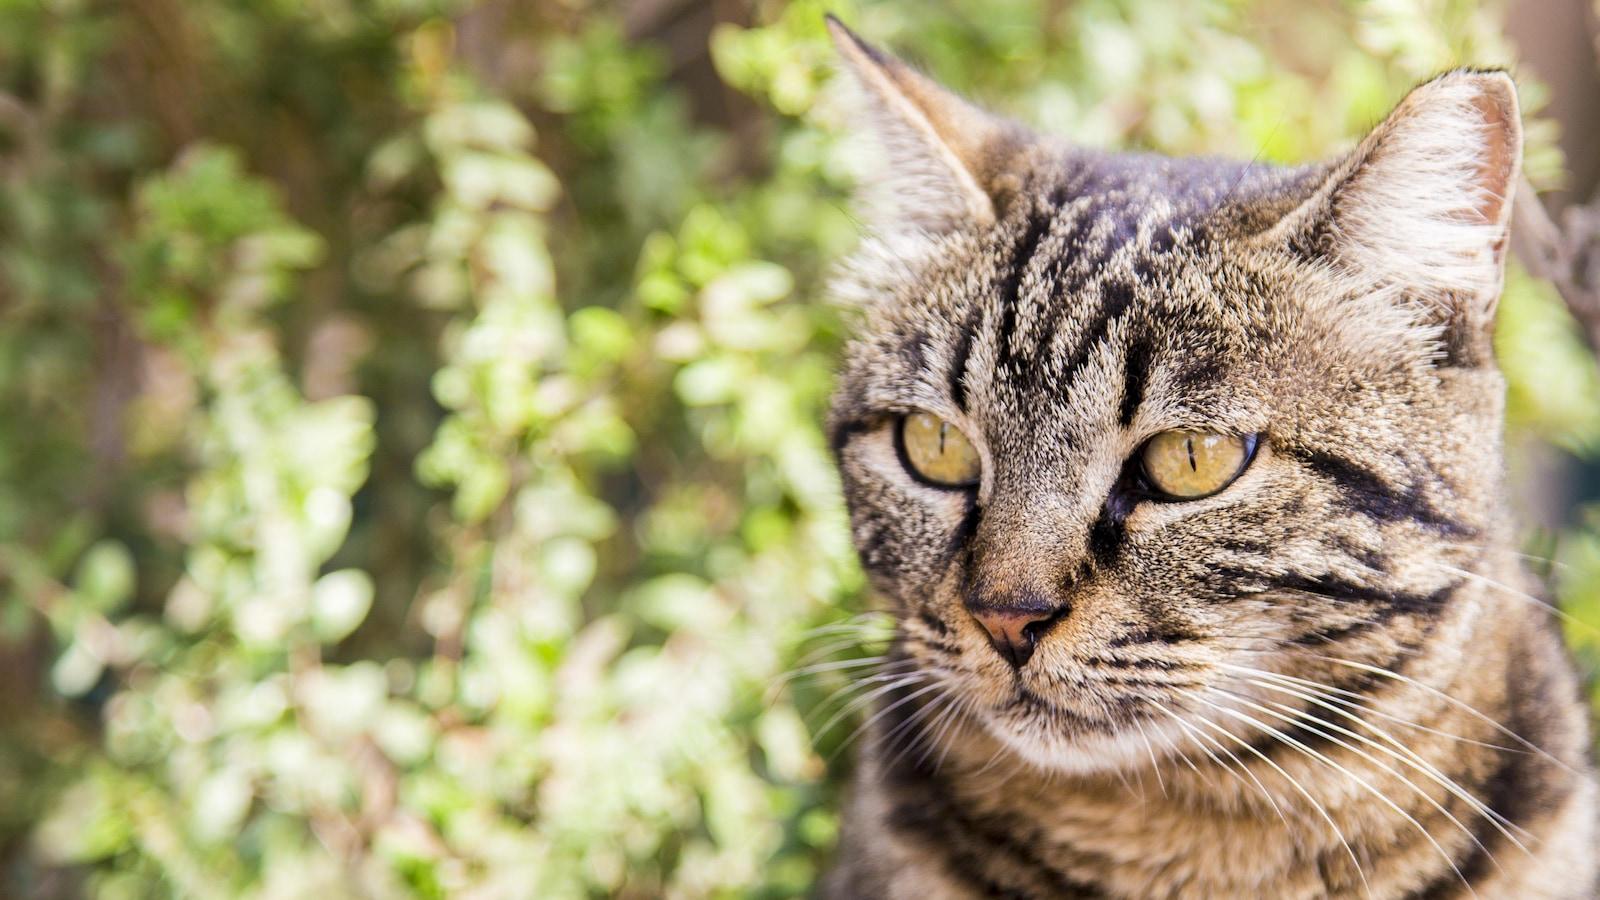 Gros plan de la tête d'un chat tigré gris devant des feuilles.